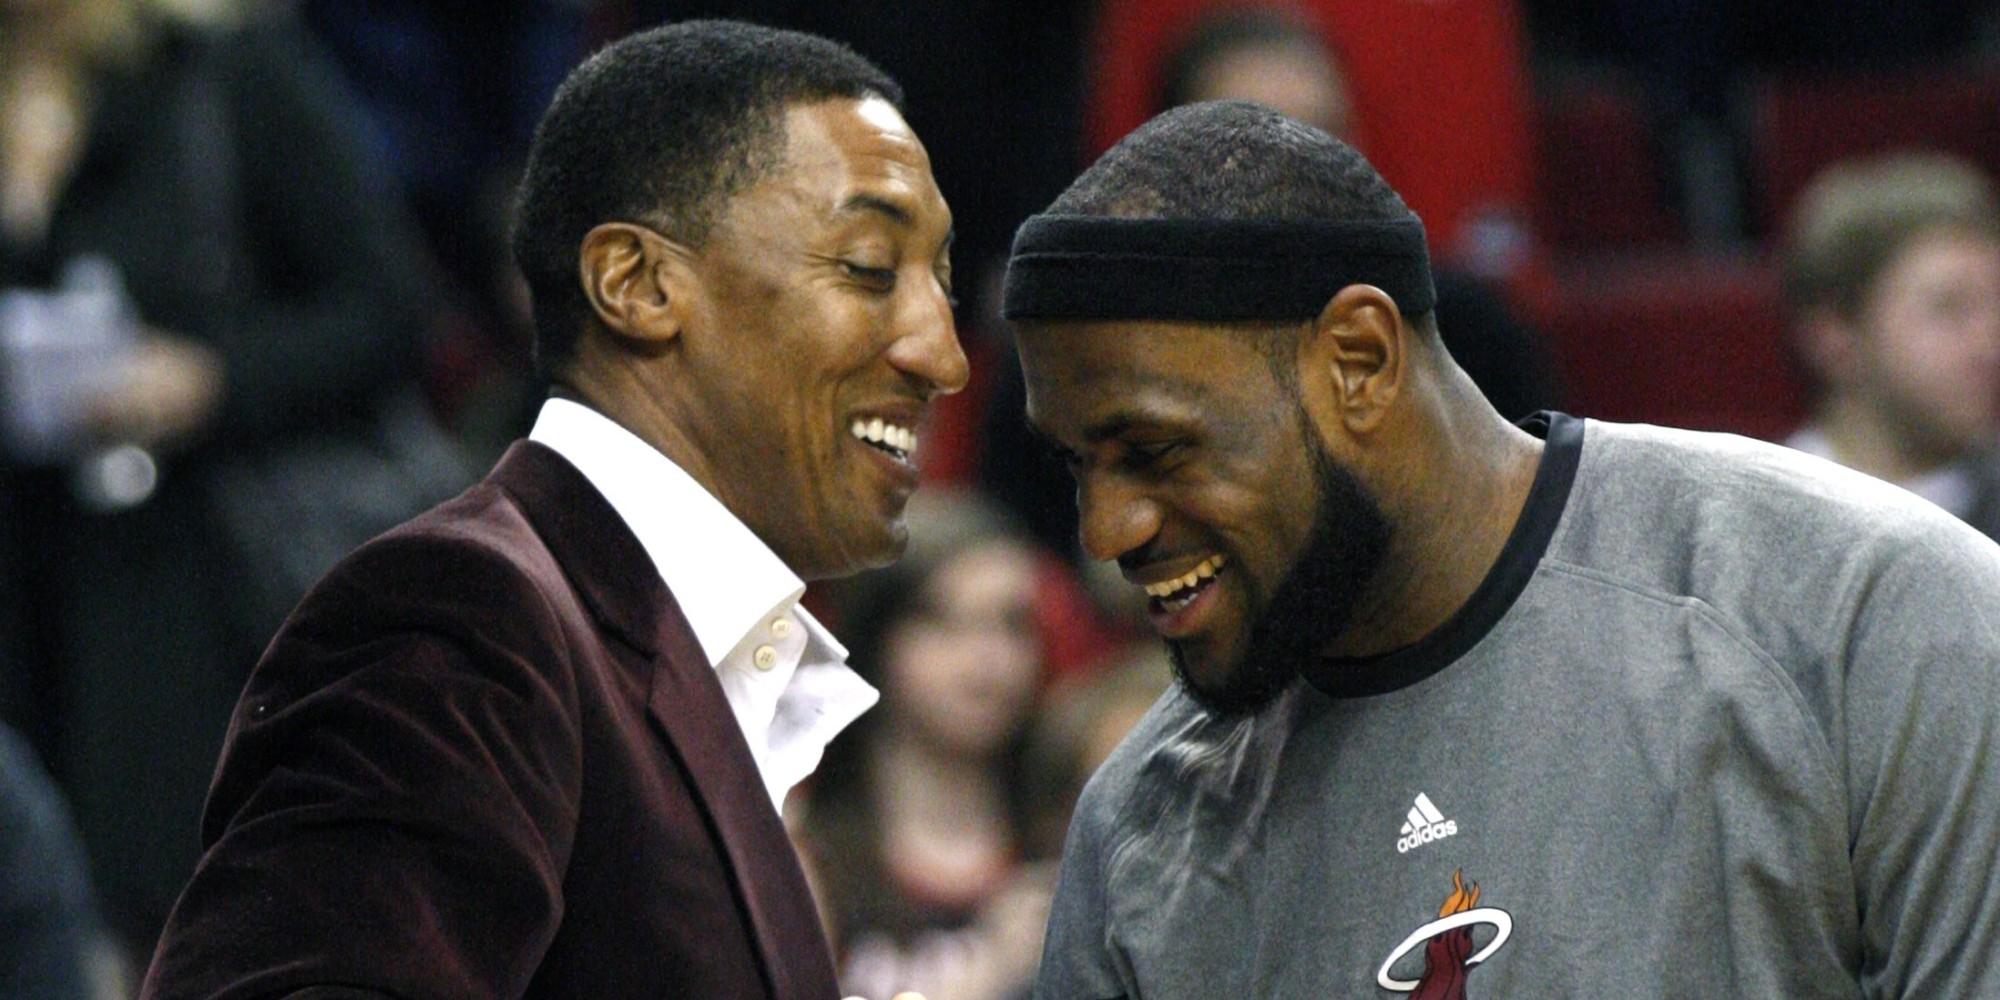 Scottie Pippen Makes The Case That LeBron James Is Better Than Michael Jordan